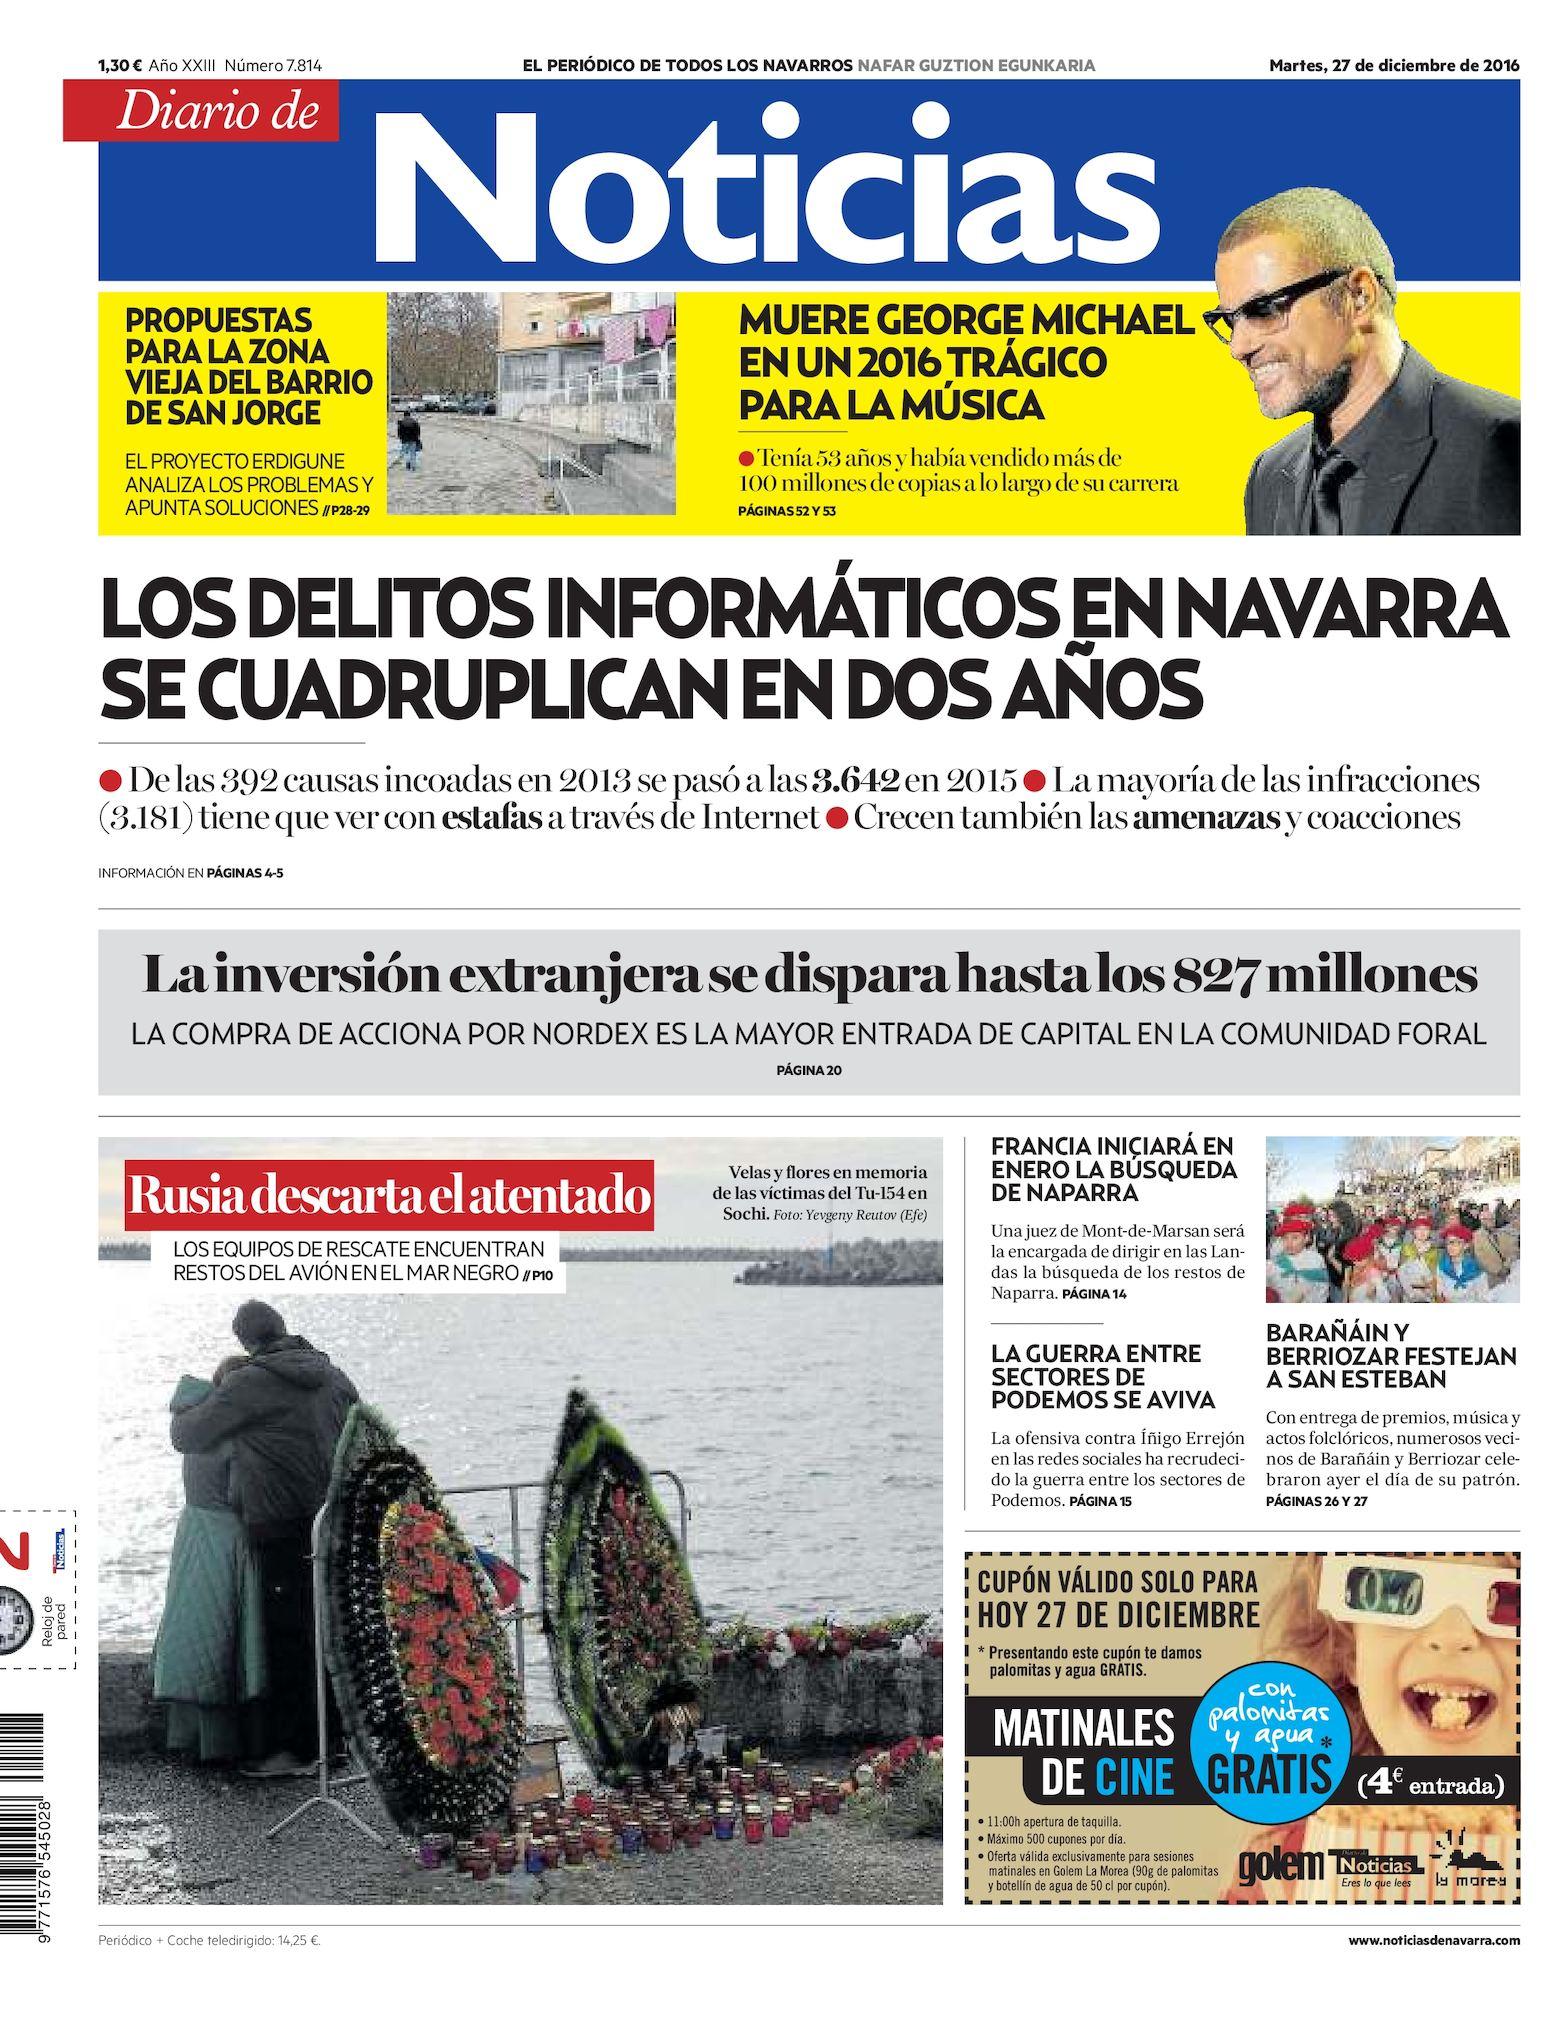 Calaméo - Diario de Noticias 20161227 4ed4df4a29c